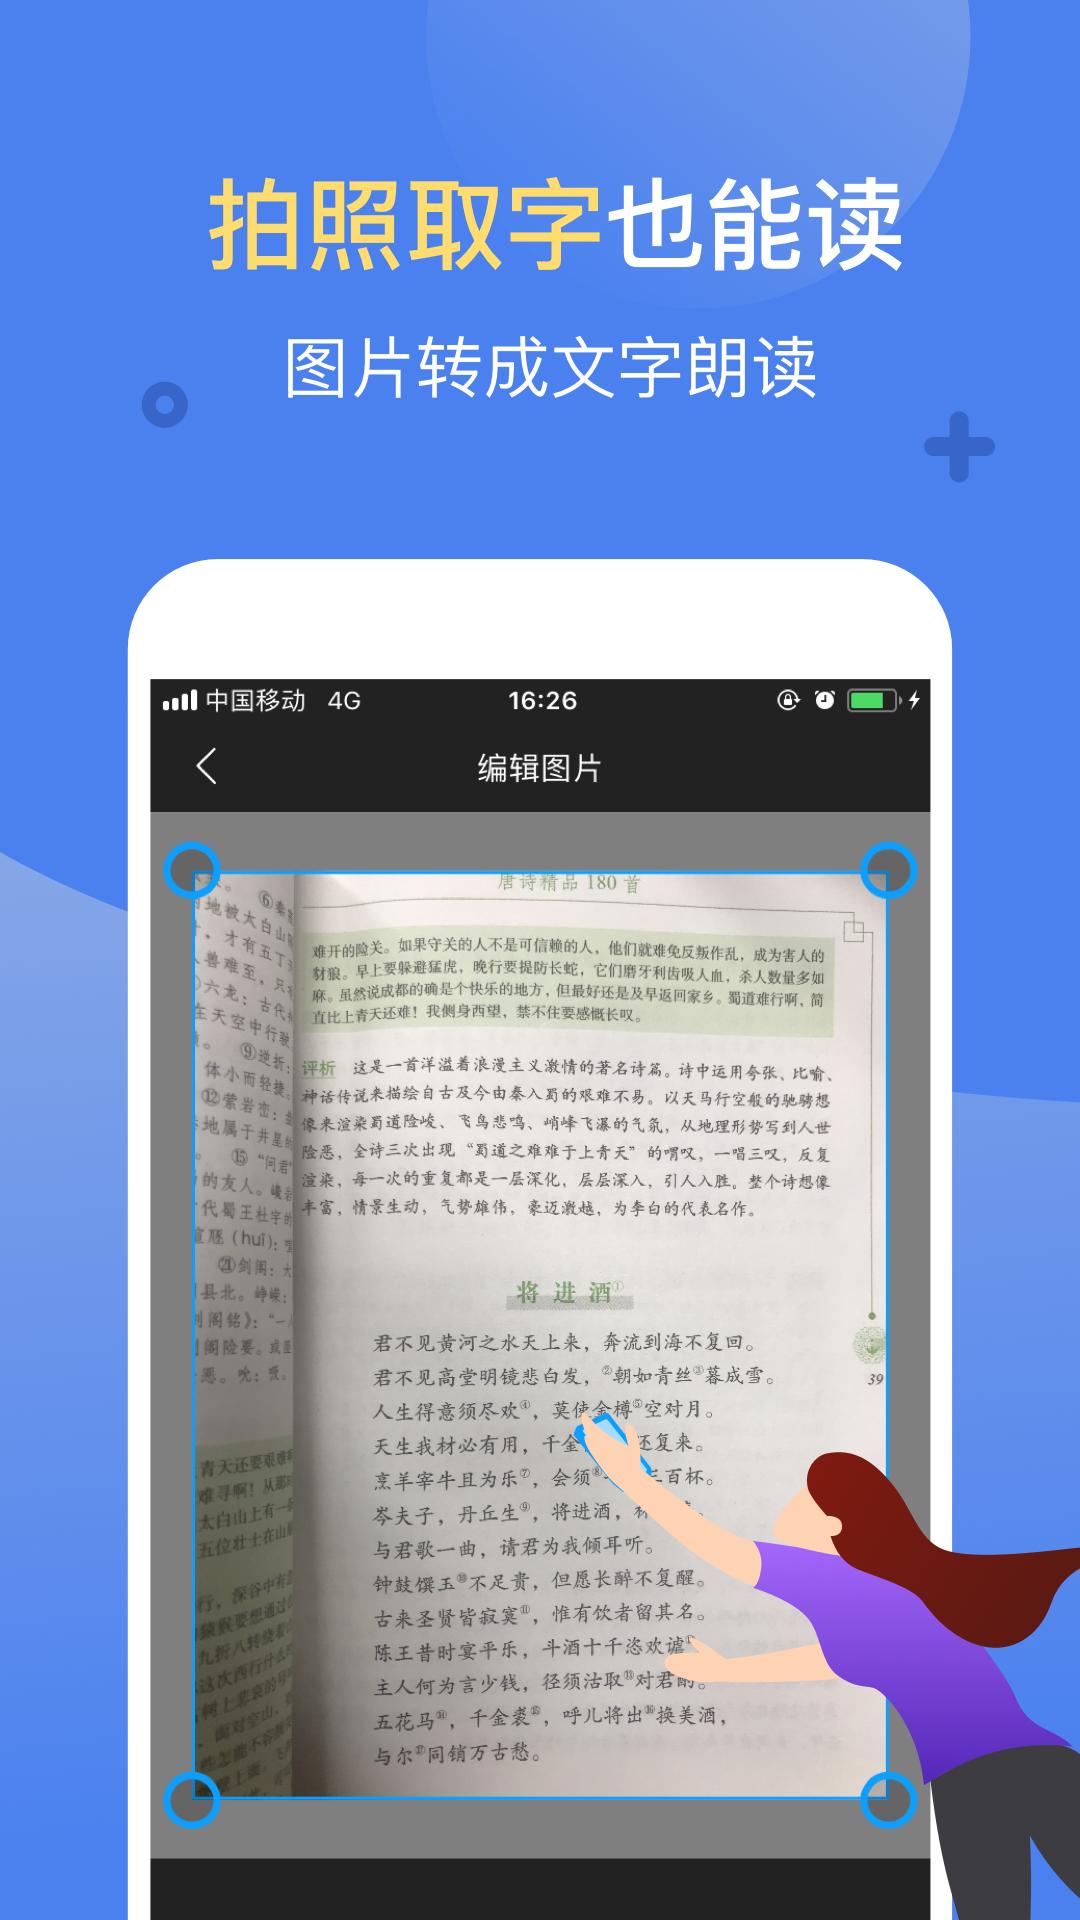 酷听有声小说_讯飞有声(com.iflytek.readassistant) - 2.3.3029 - 应用 - 酷安网